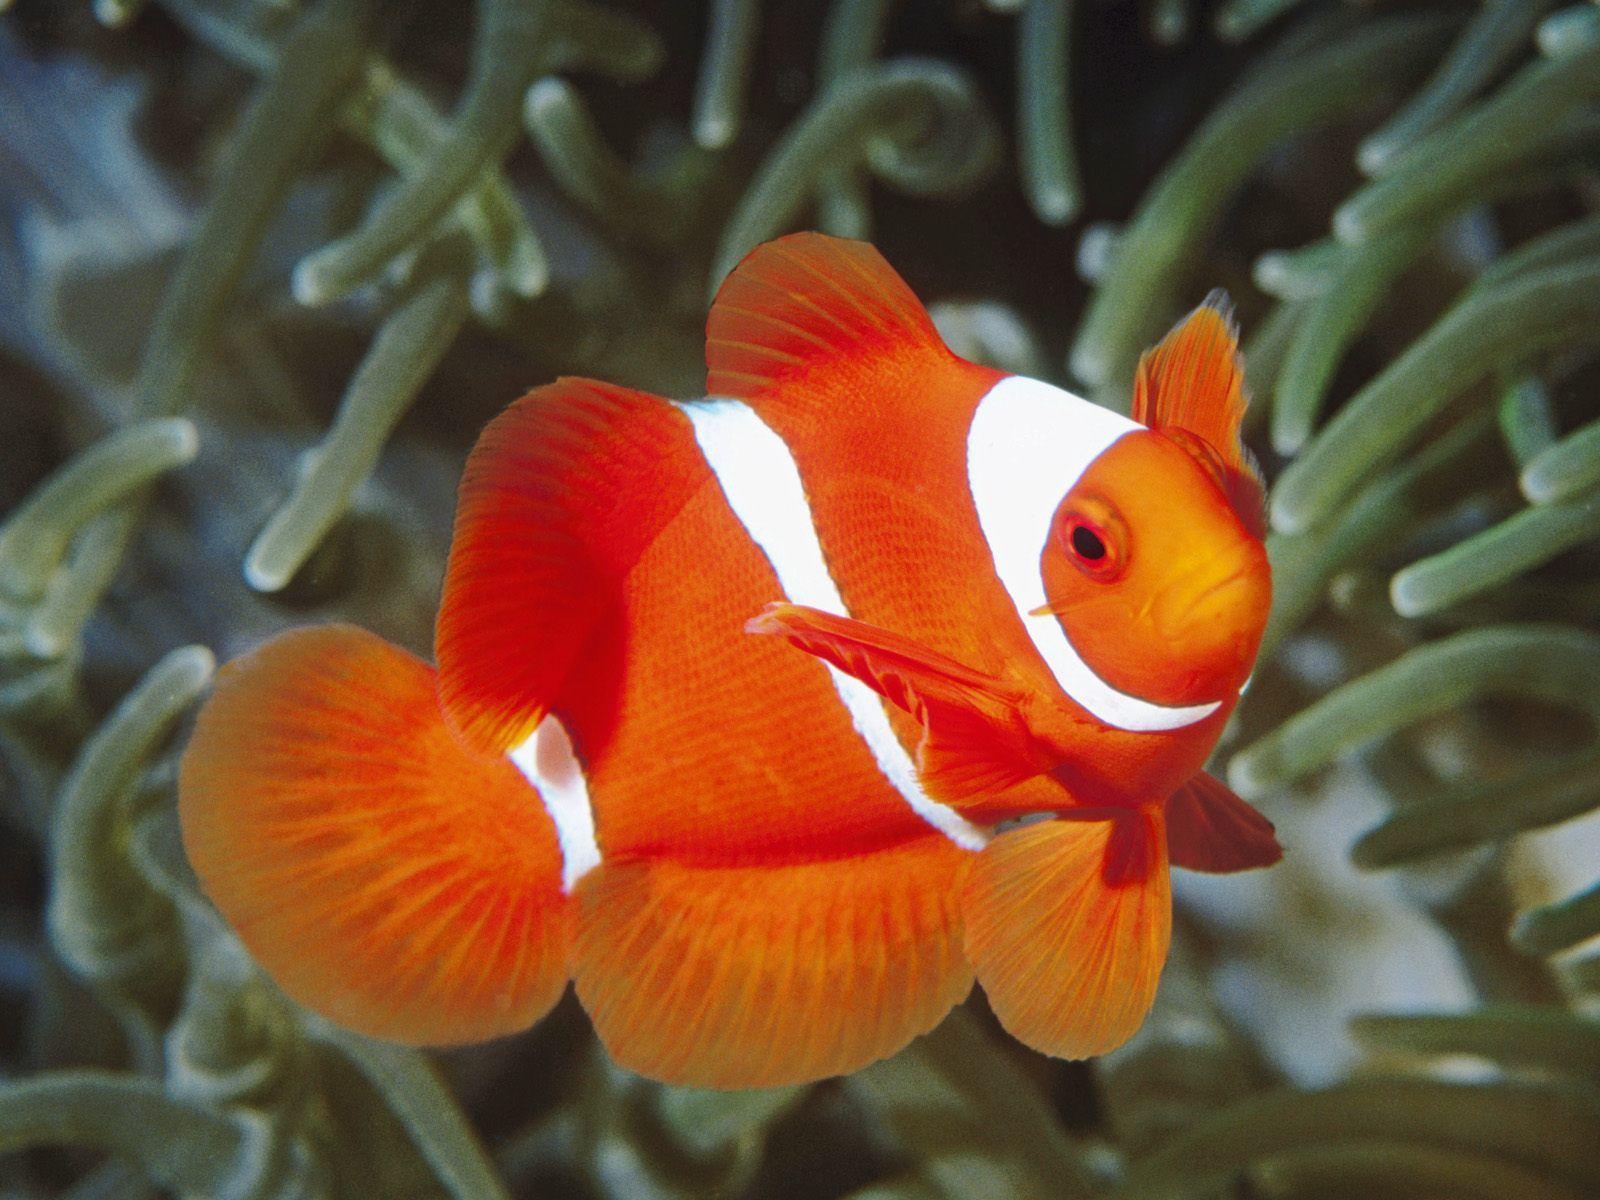 http://2.bp.blogspot.com/-I0kn3tUHMAY/Tf7vfMyfqrI/AAAAAAAAB94/NrwTeM1HWAc/s1600/clown-fish.jpg